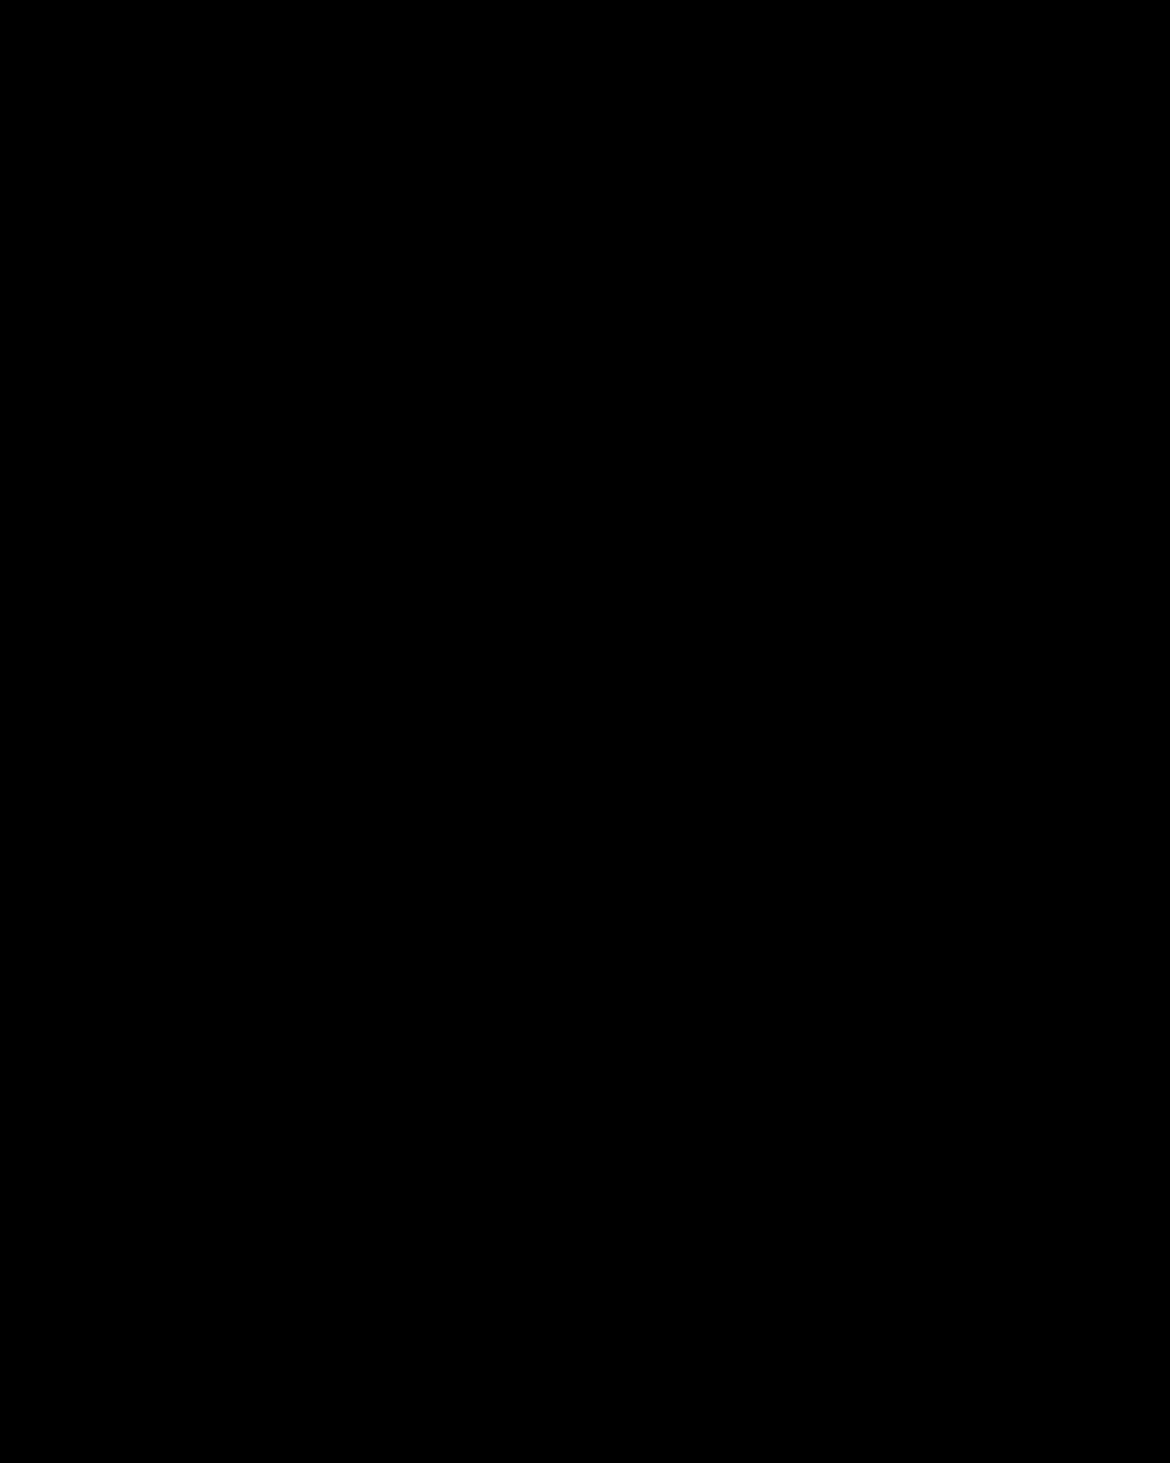 Una settimana in Giappone - Il mio itinerario by Laura Comolli - Golden Gai